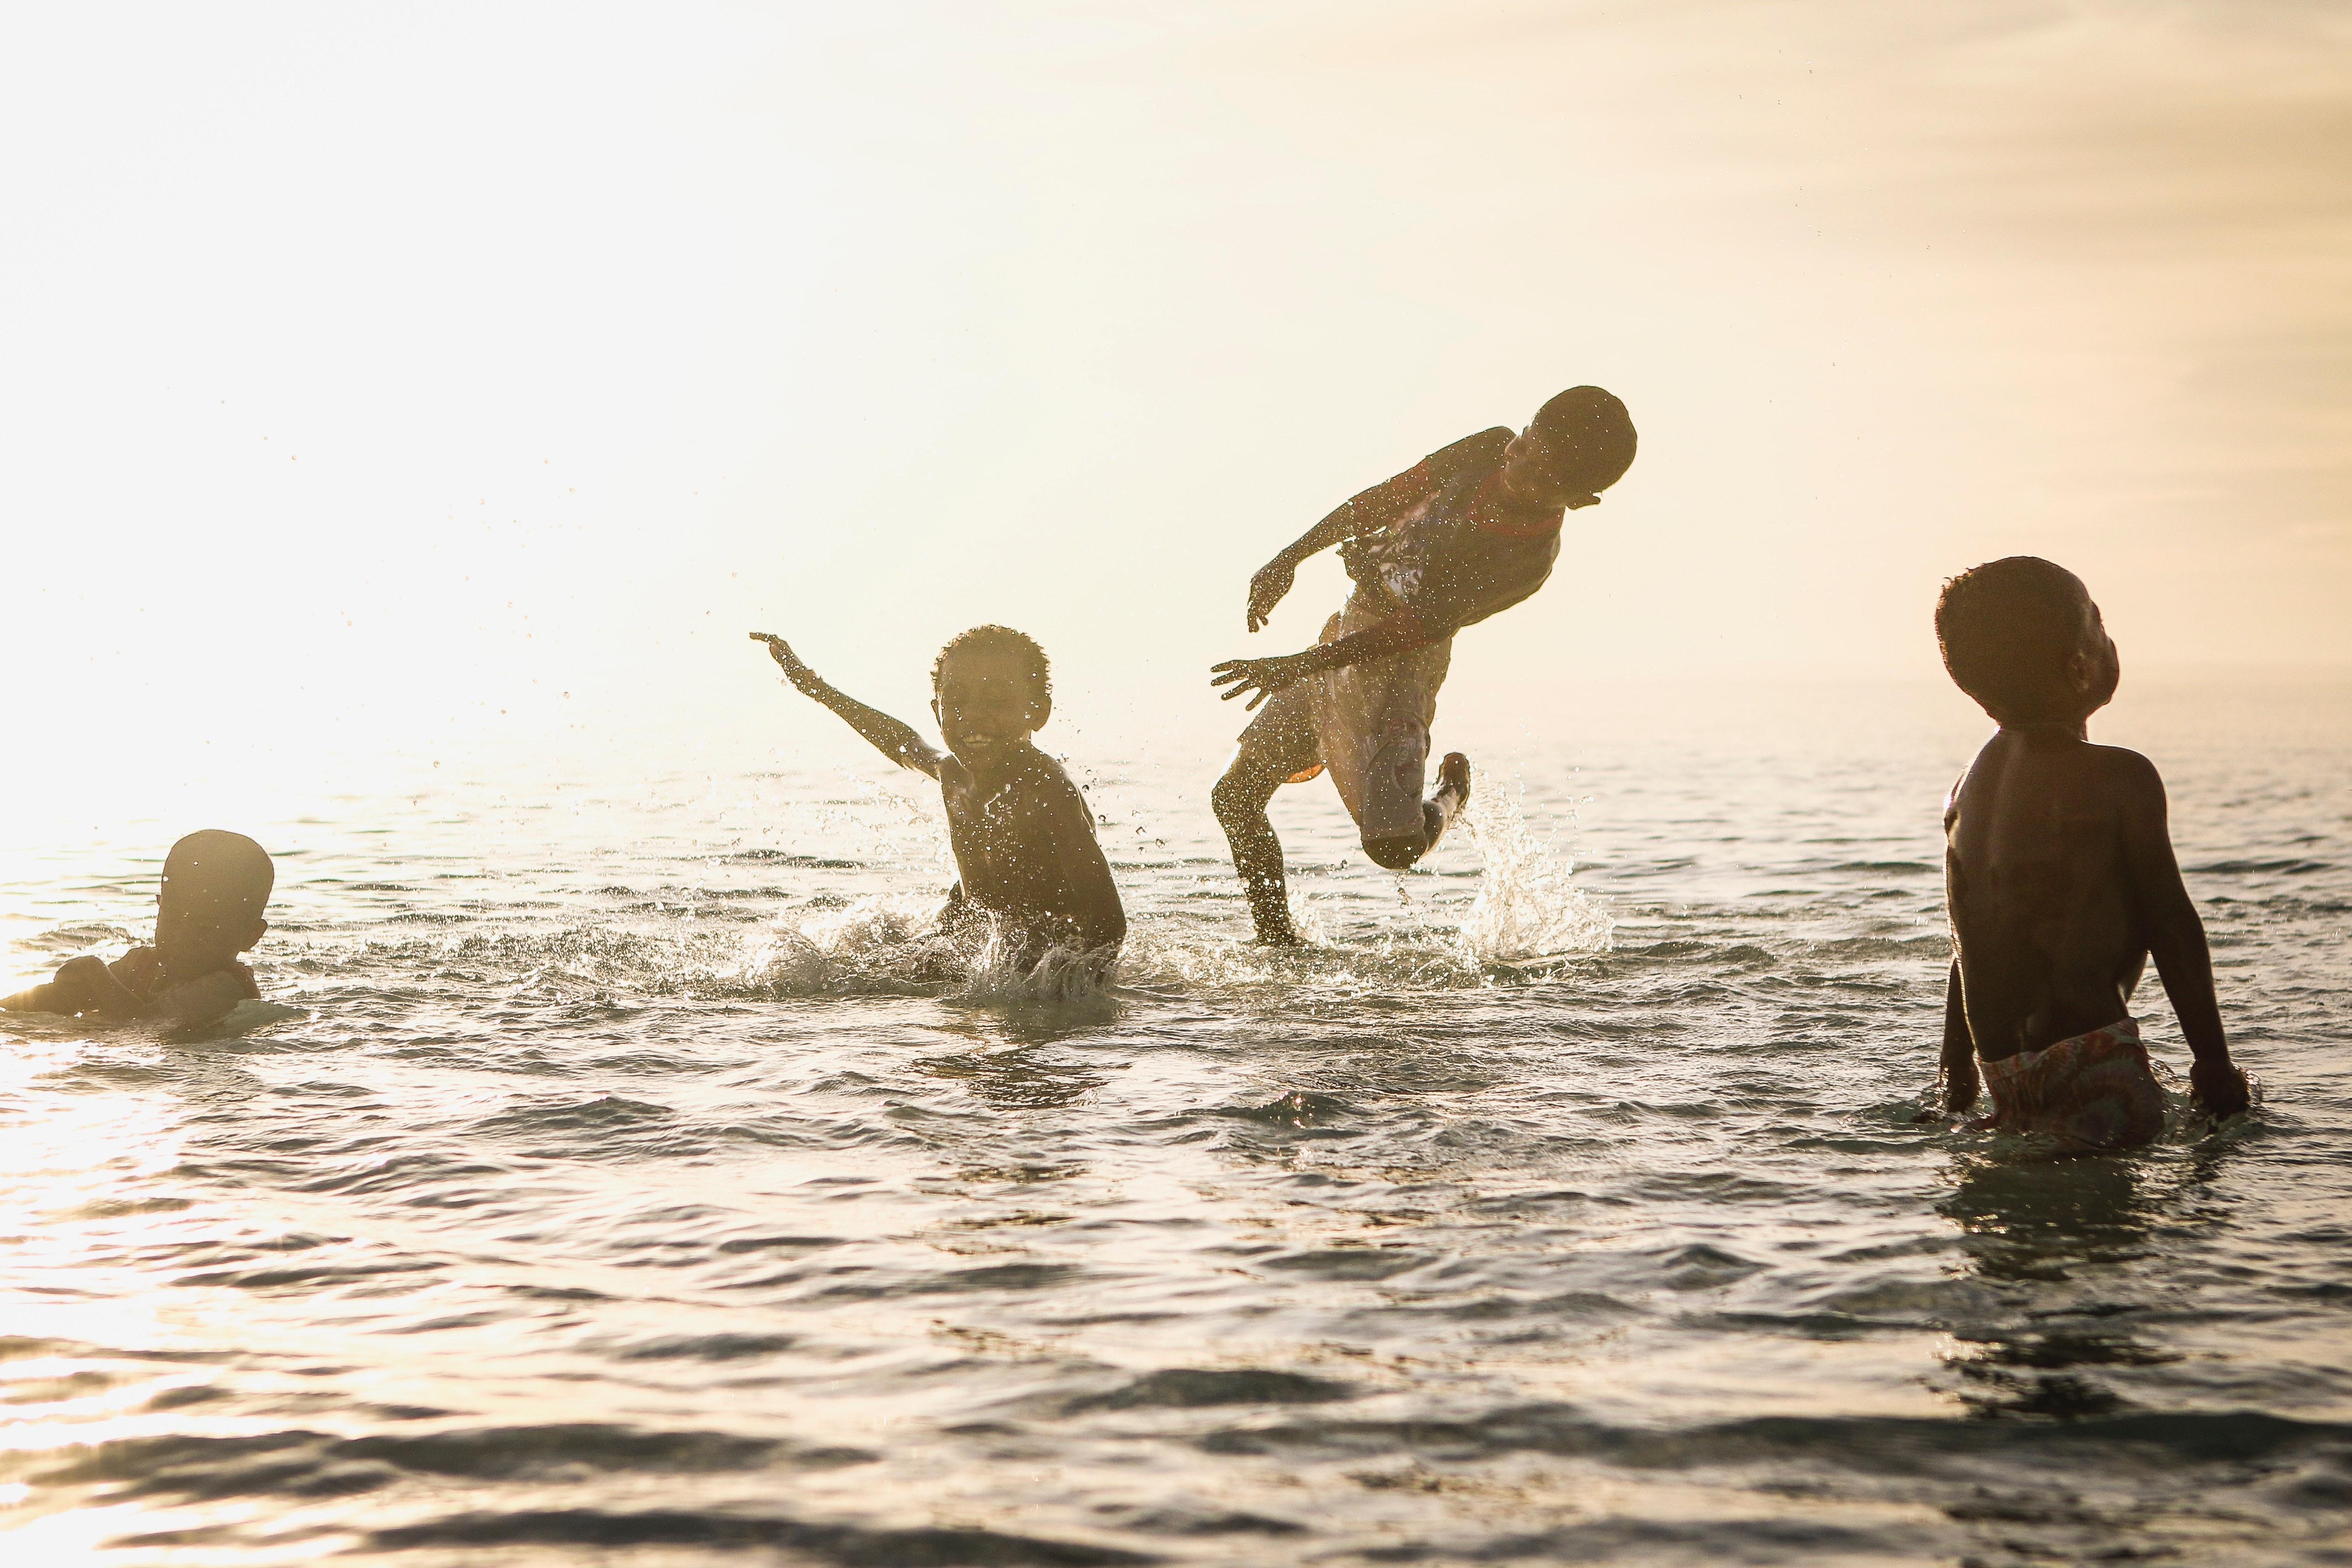 Além da diversão, as férias promovem muito aprendizado (Foto: @Kasuma/Nappy.co)